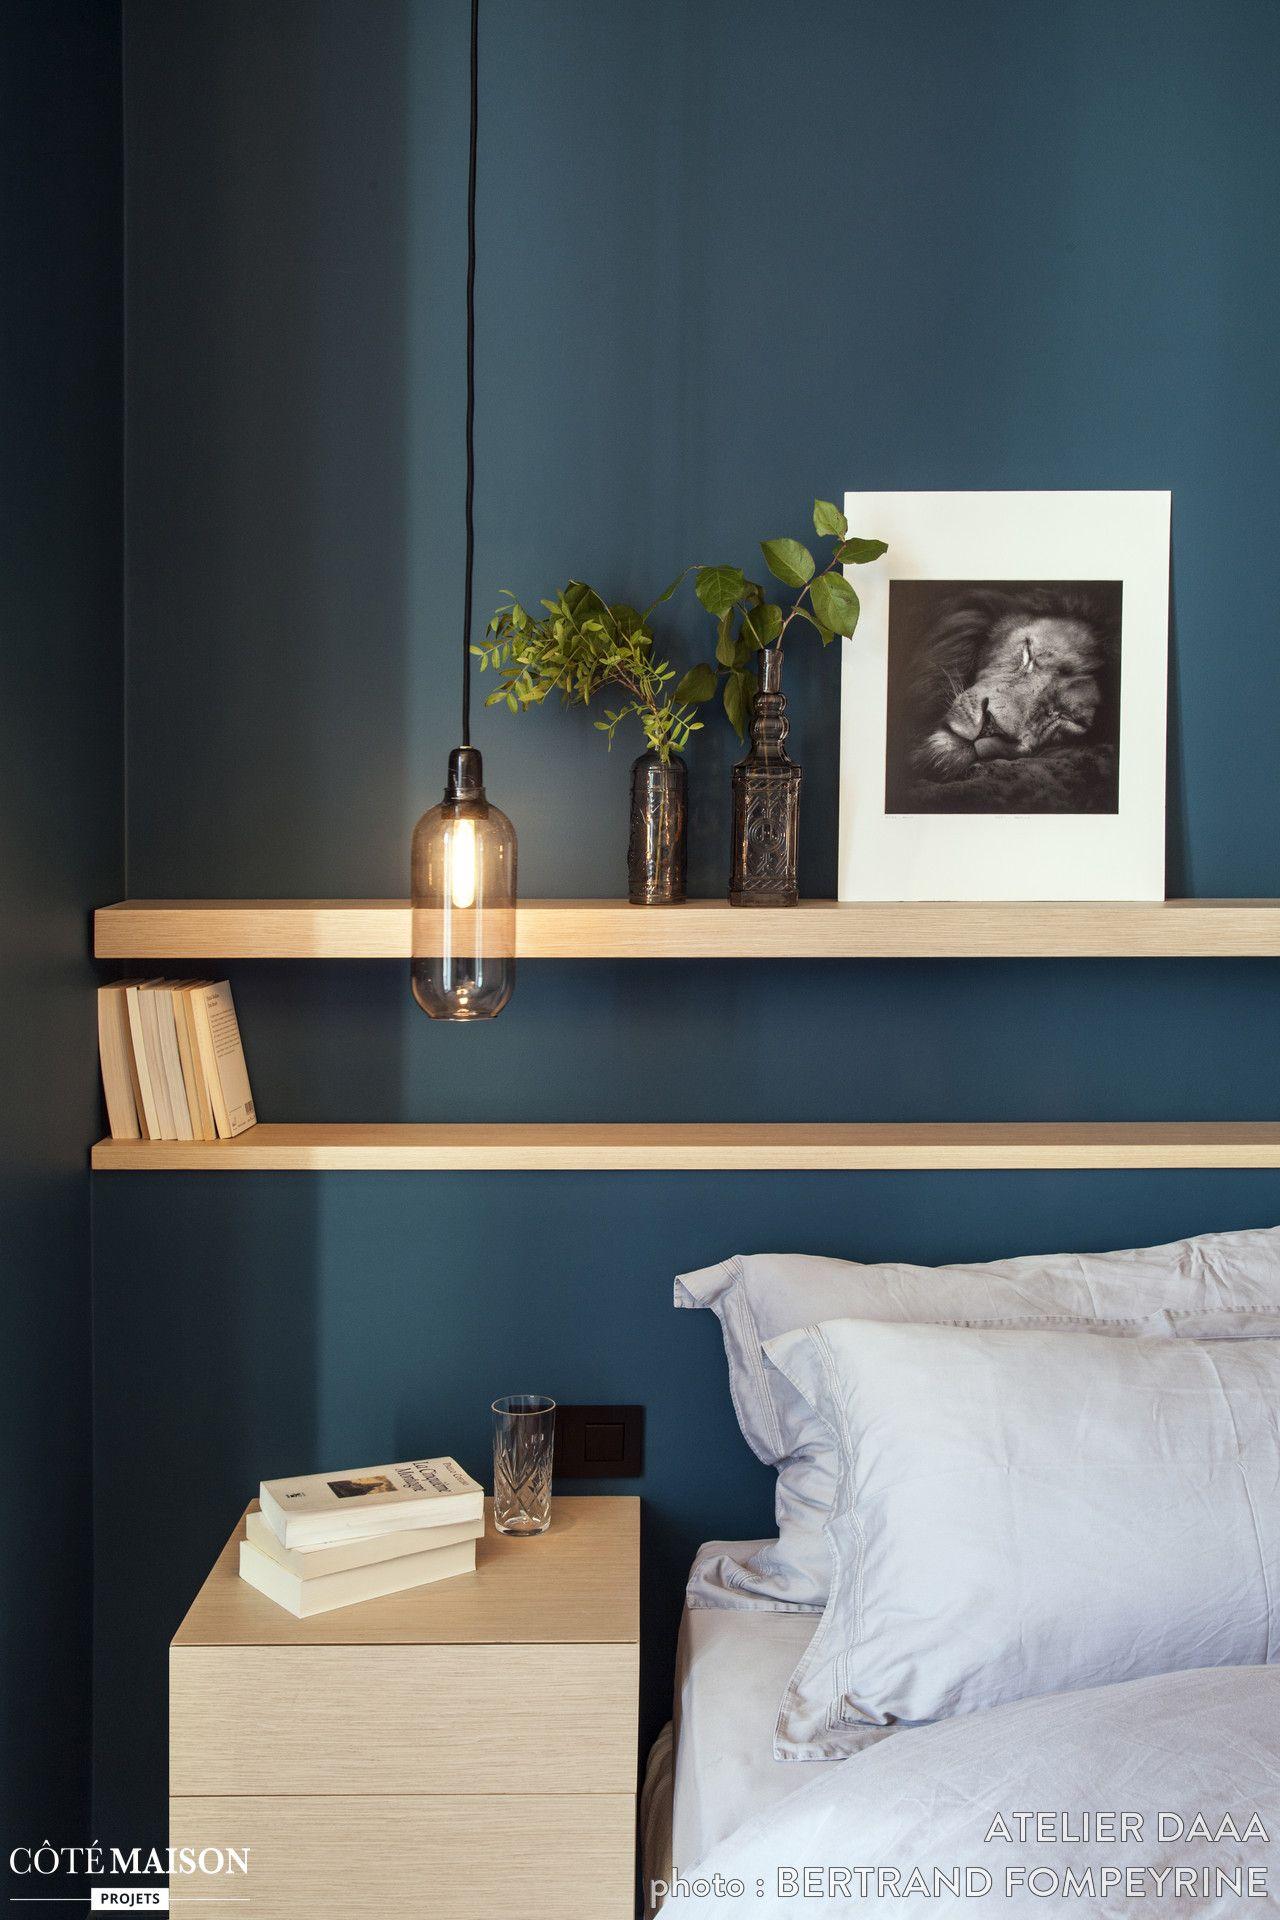 d elegantes etageres en bois ont ete placees au dessus du couchage en guise de tete de lit